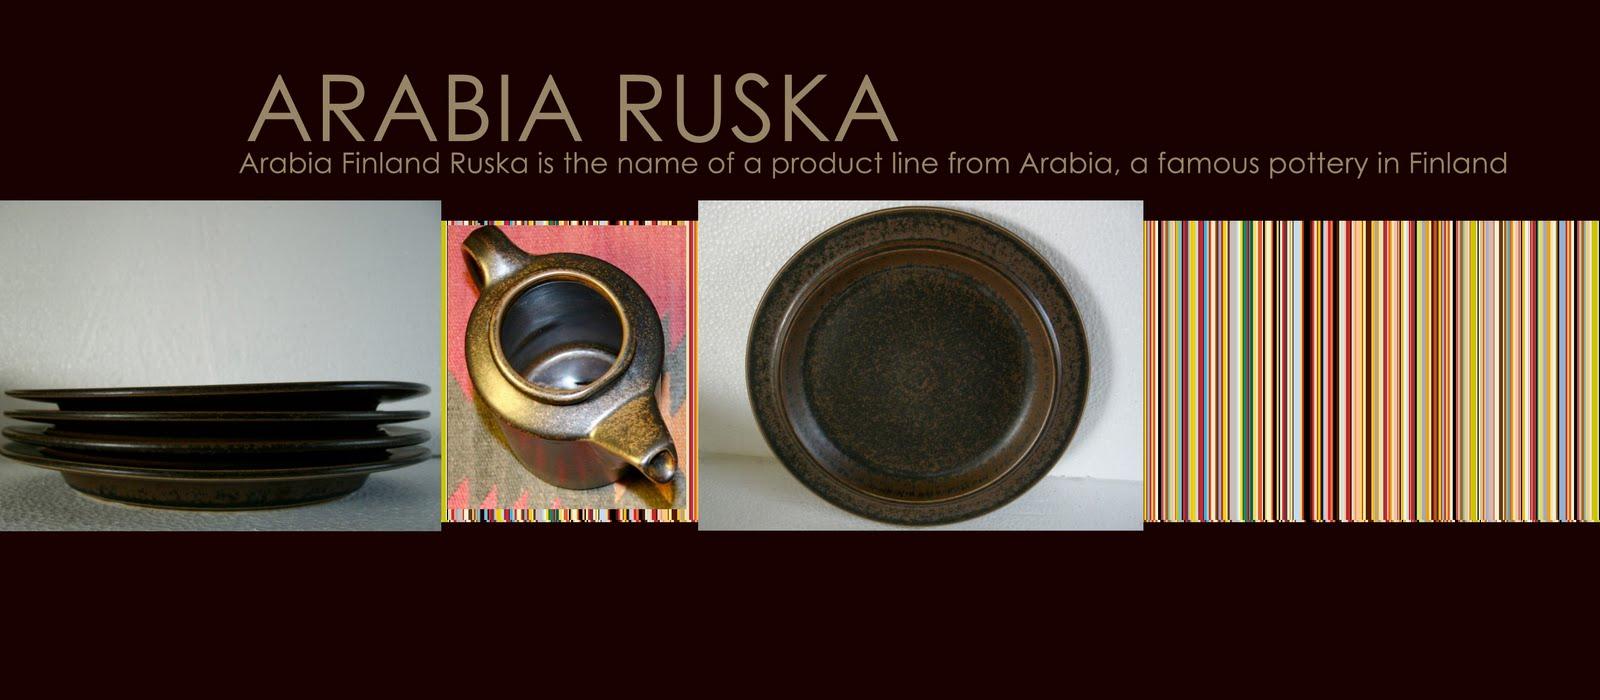 ARABIA RUSKA DISH THE FINLAND´S FLAG & Freak Hänsen-Mid Century Scandinavian Furniture: ARABIA RUSKA DISH ...